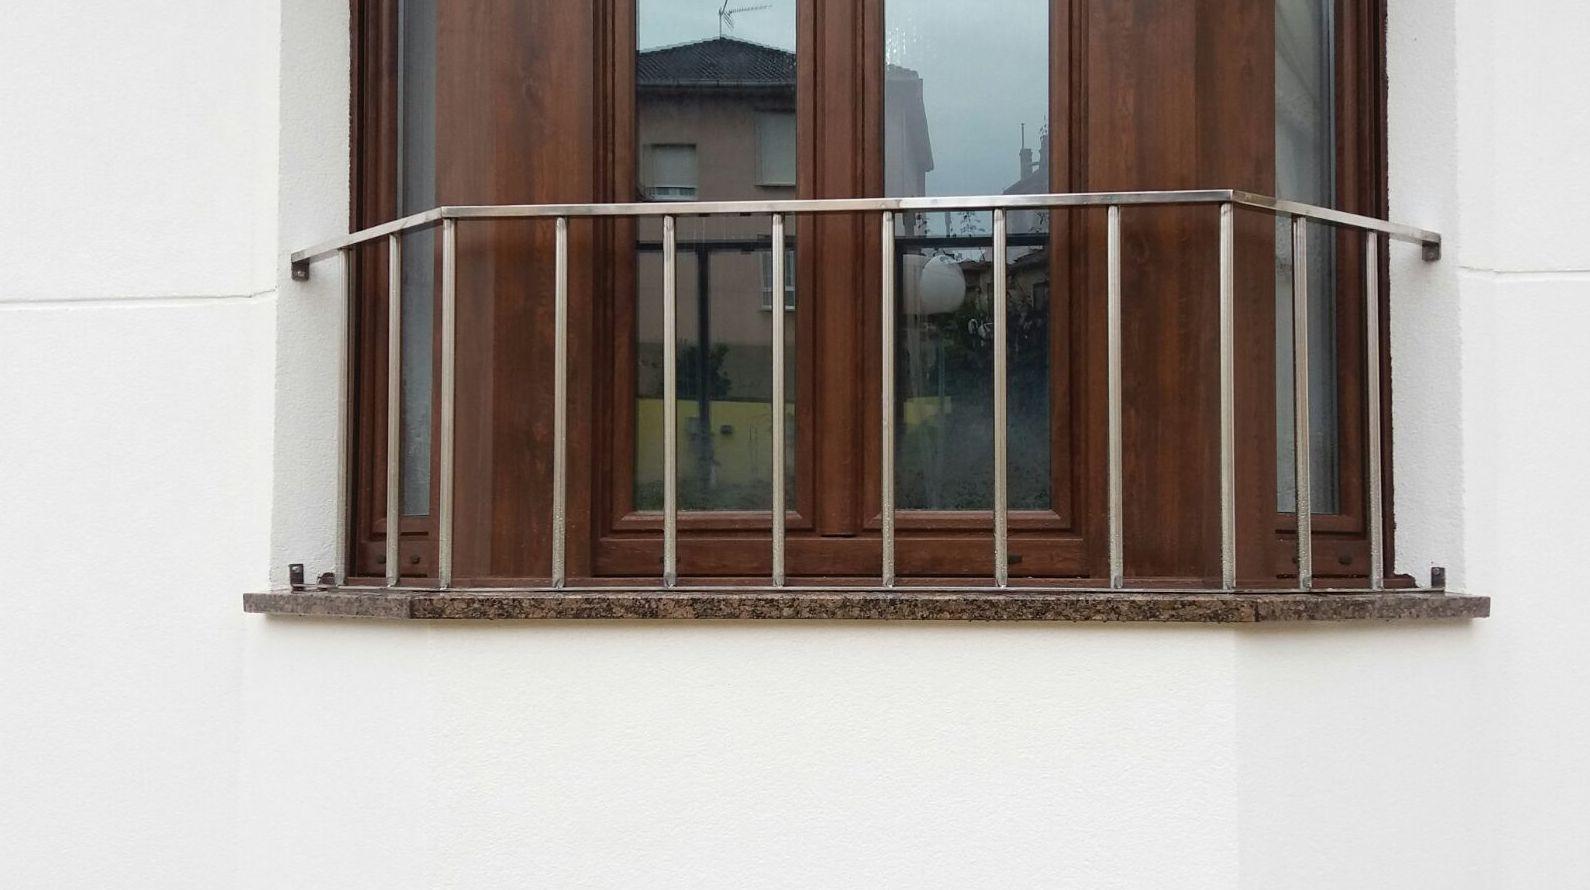 Barandilla de acero inoxidable : TRABAJOS de Carpintería Metálica Hialupin